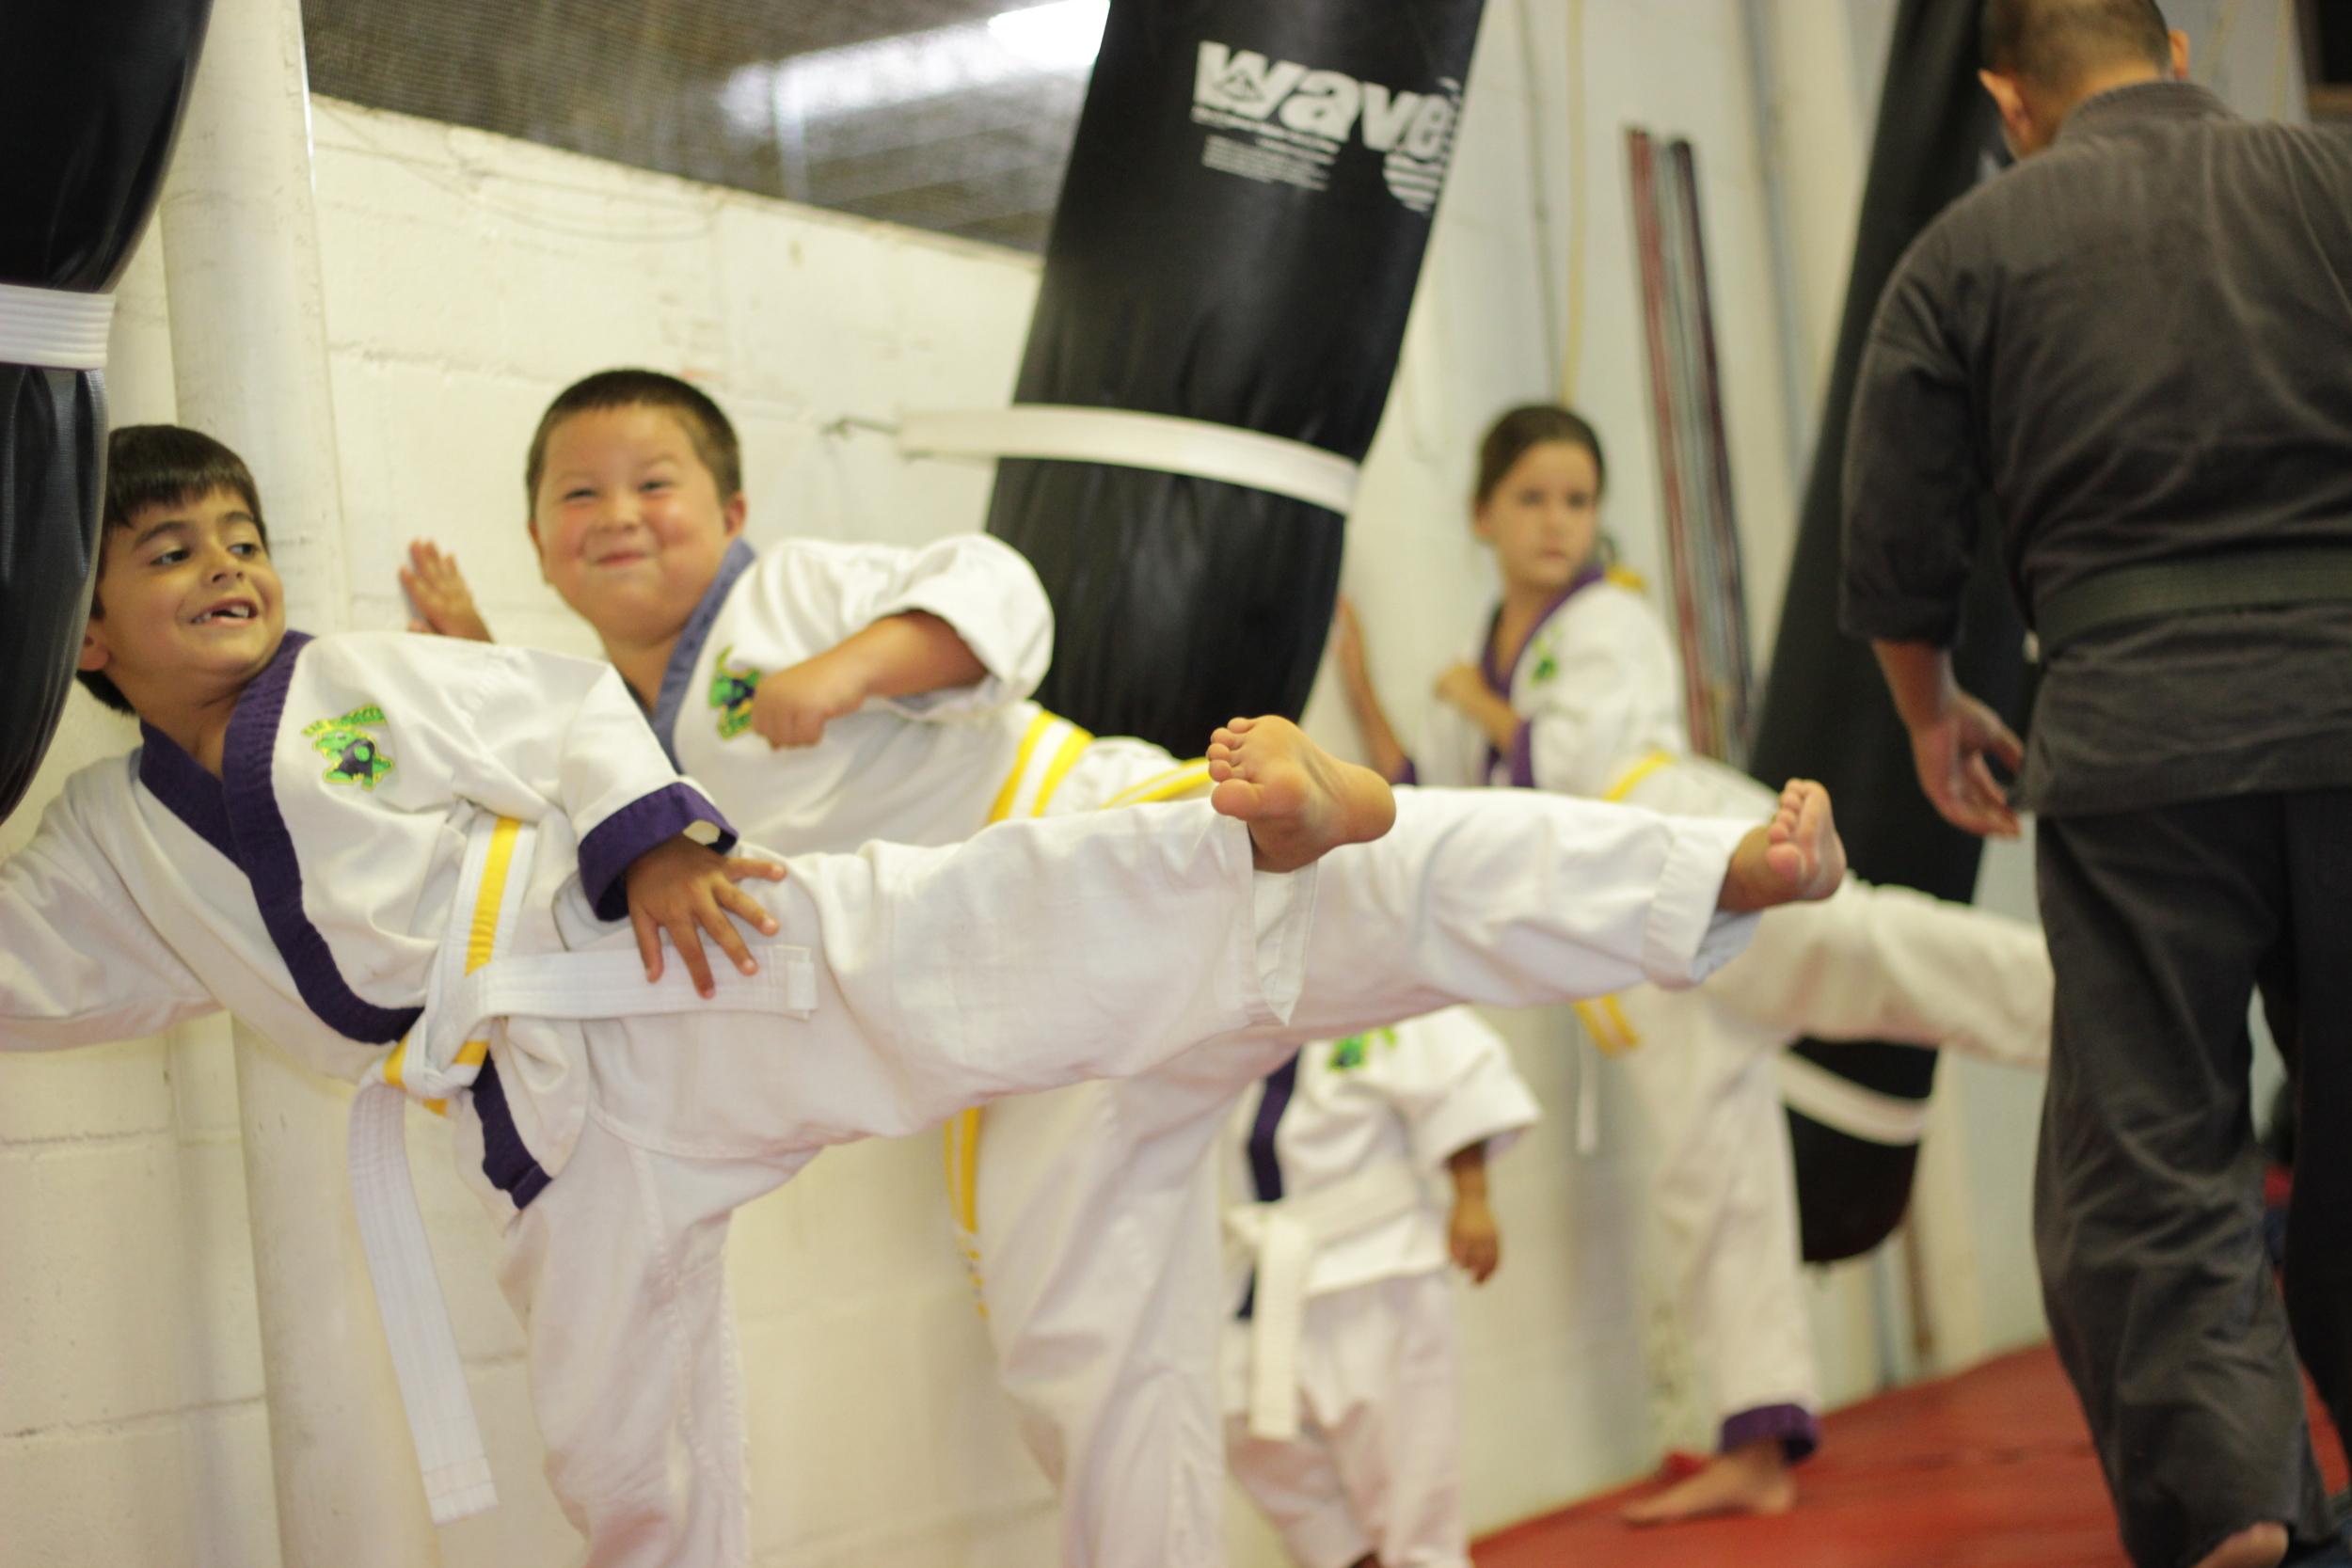 New life martial arts